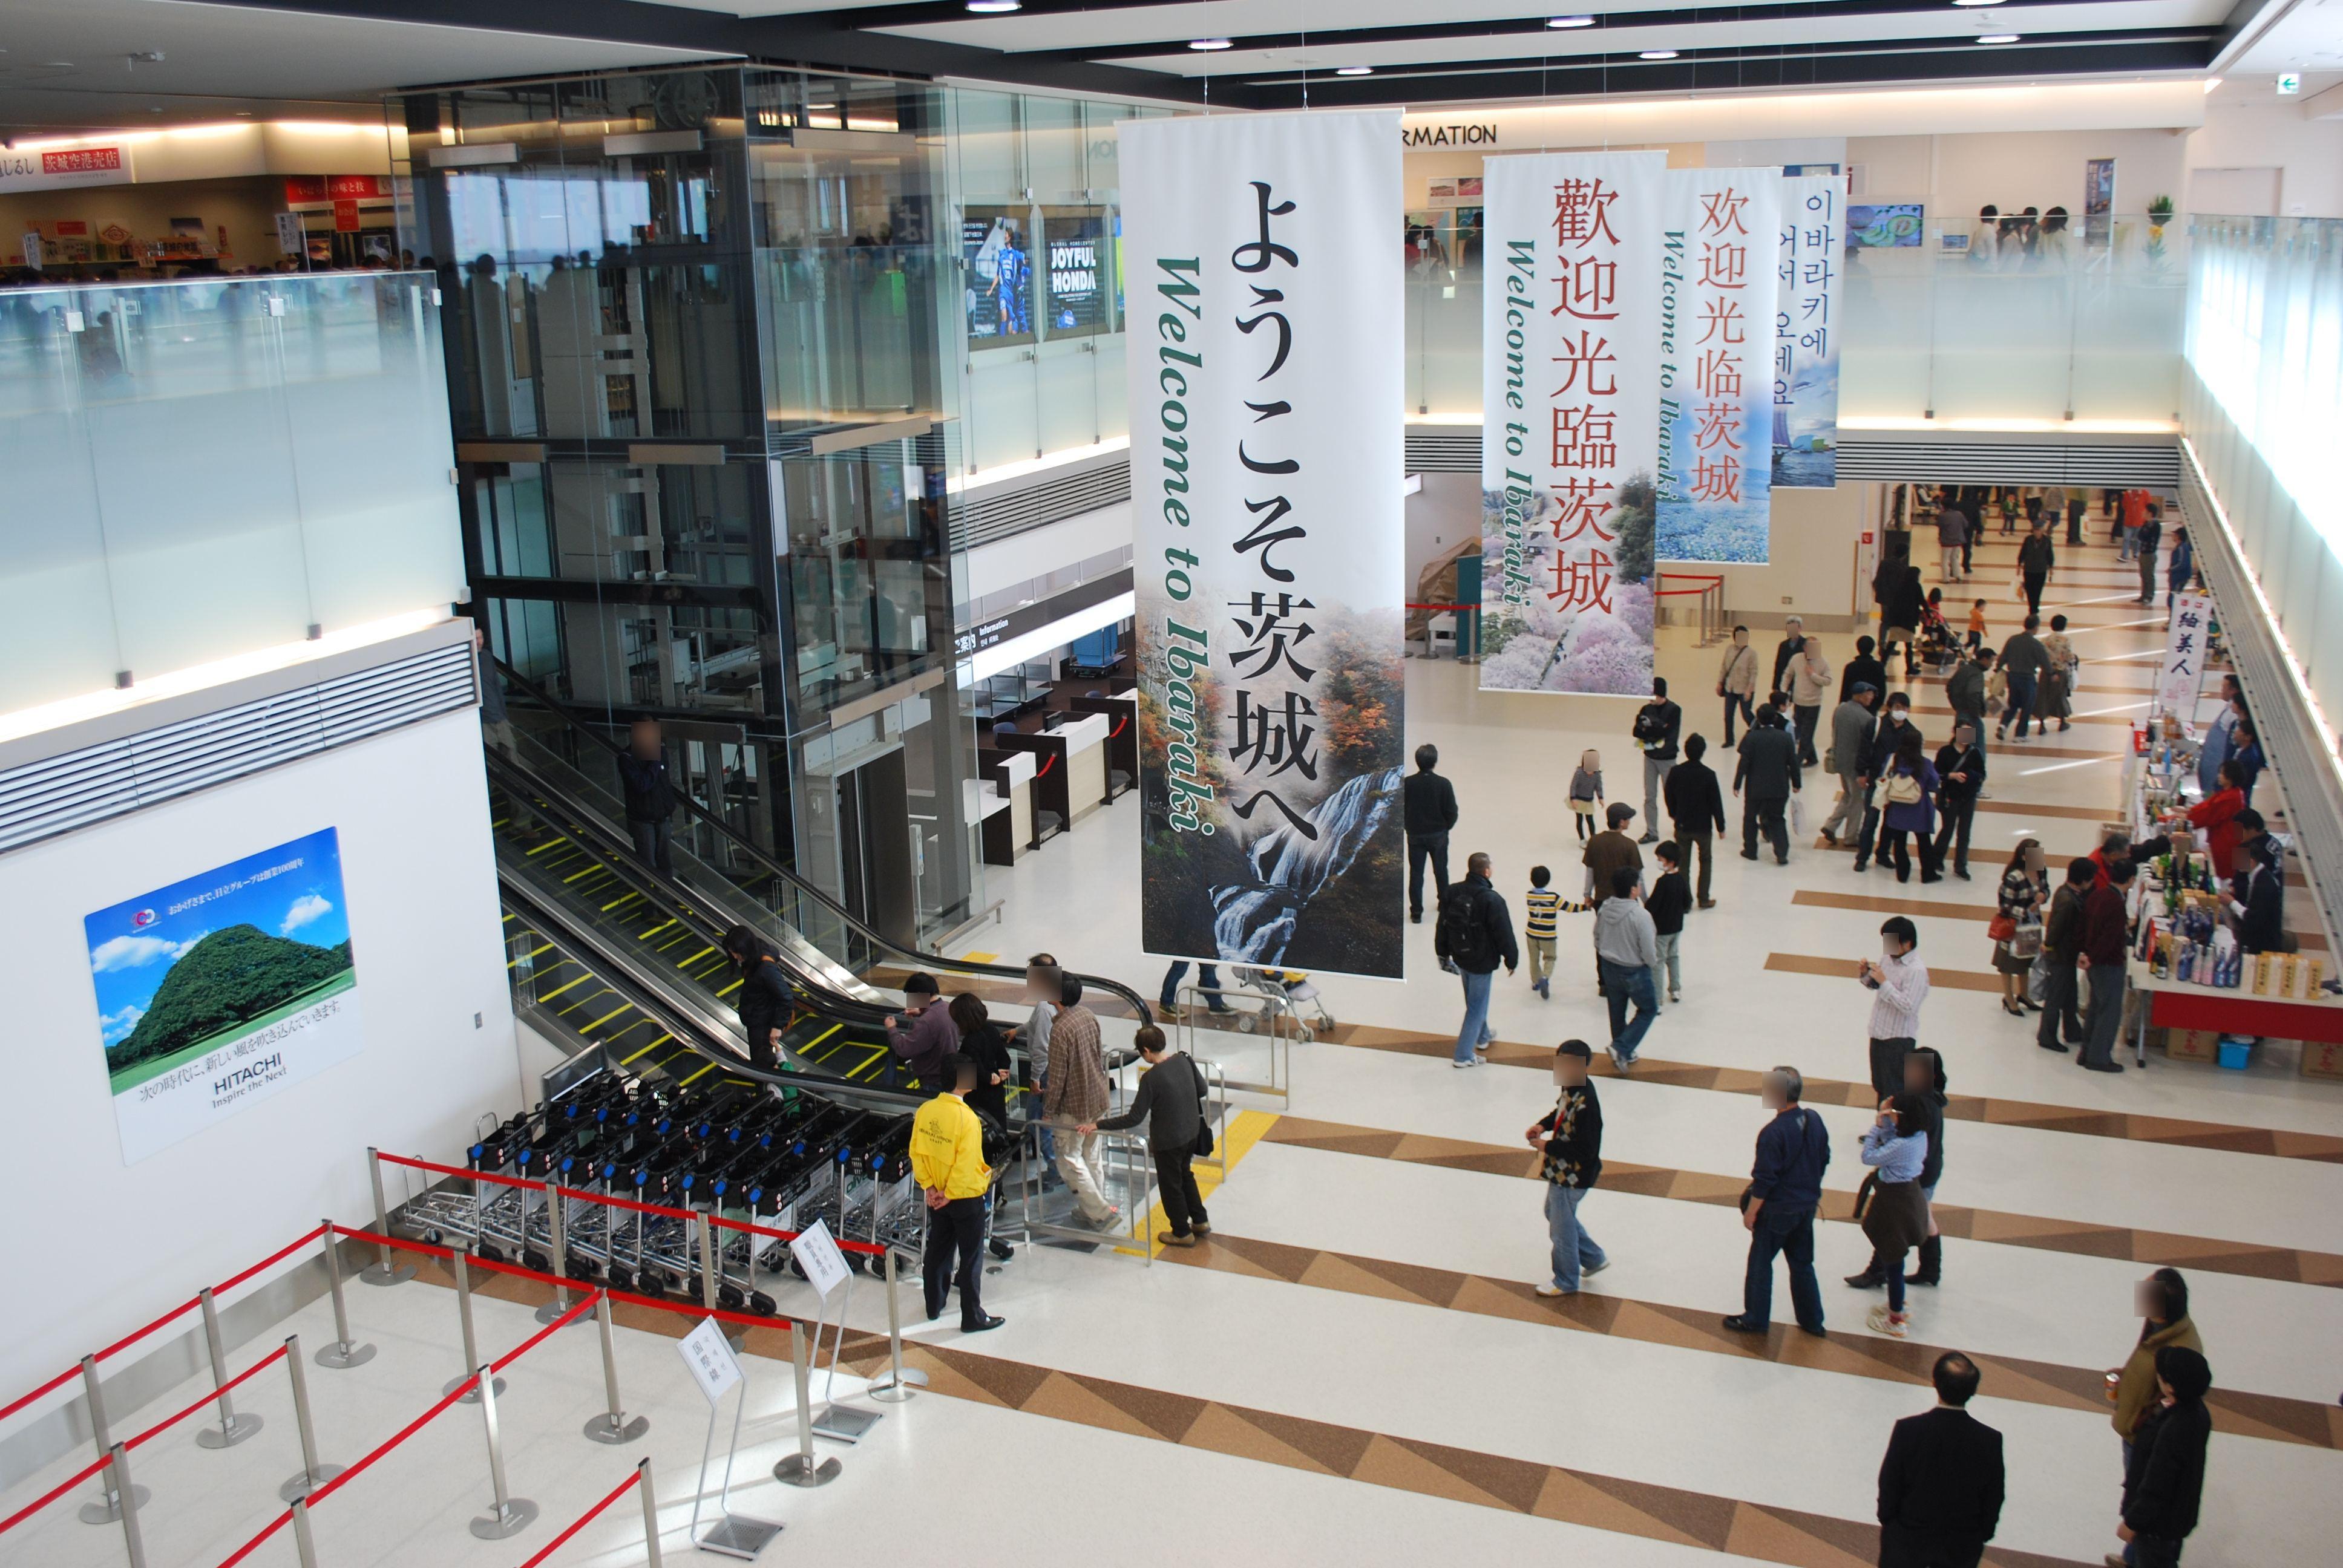 Sân bay Ibaraki với lượng khách đến đây rất ít nên việc xuất/nhập cảnh hết sức nhanh